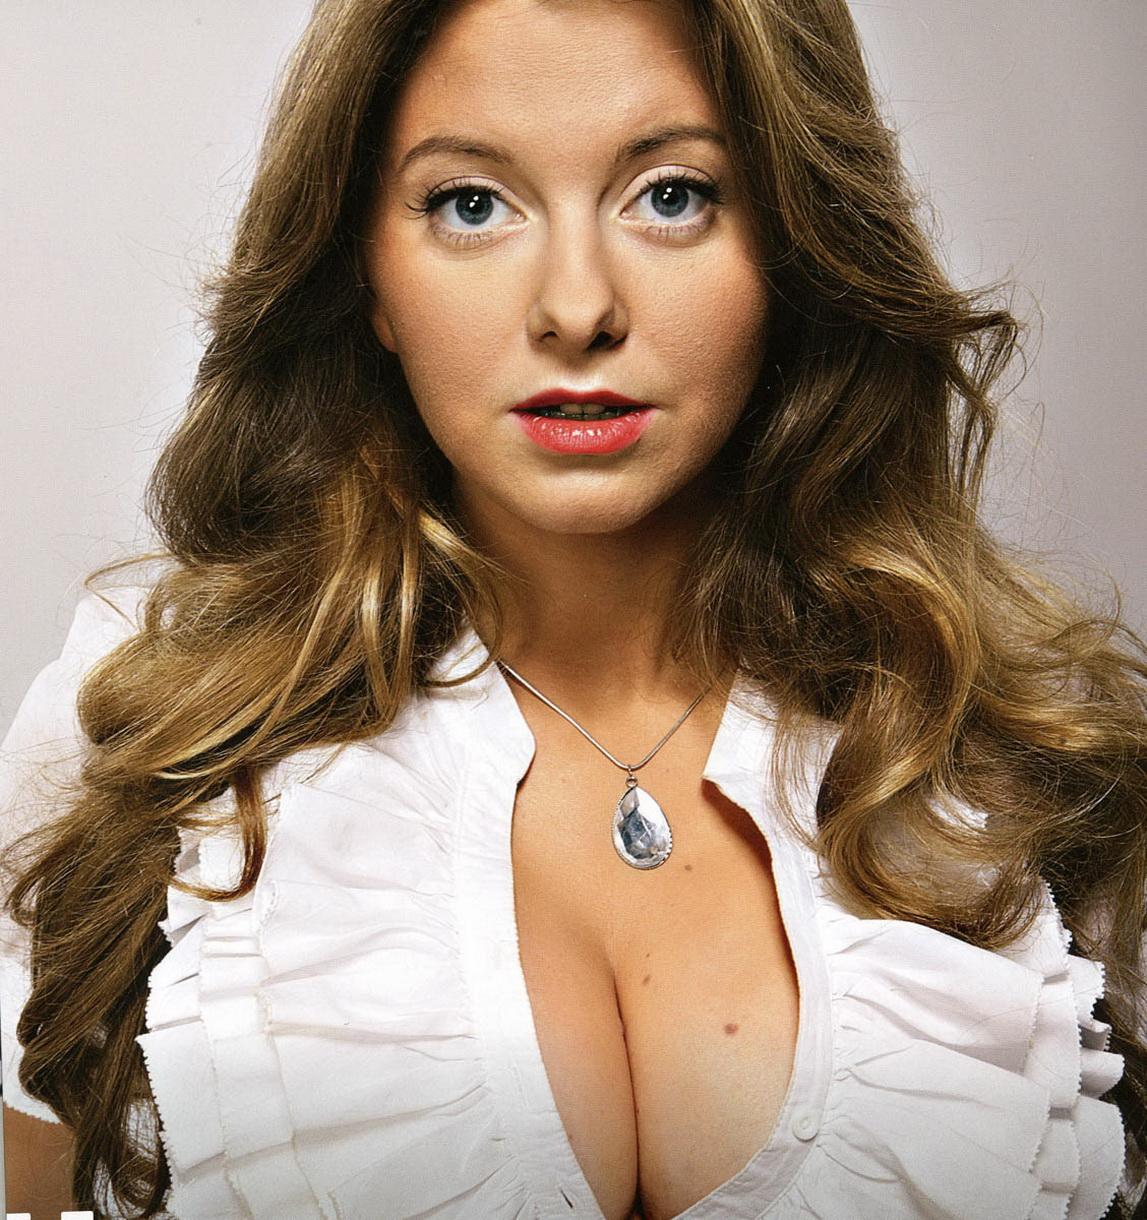 Нового российского ситкома Зайцев+1 началась со знакомства с